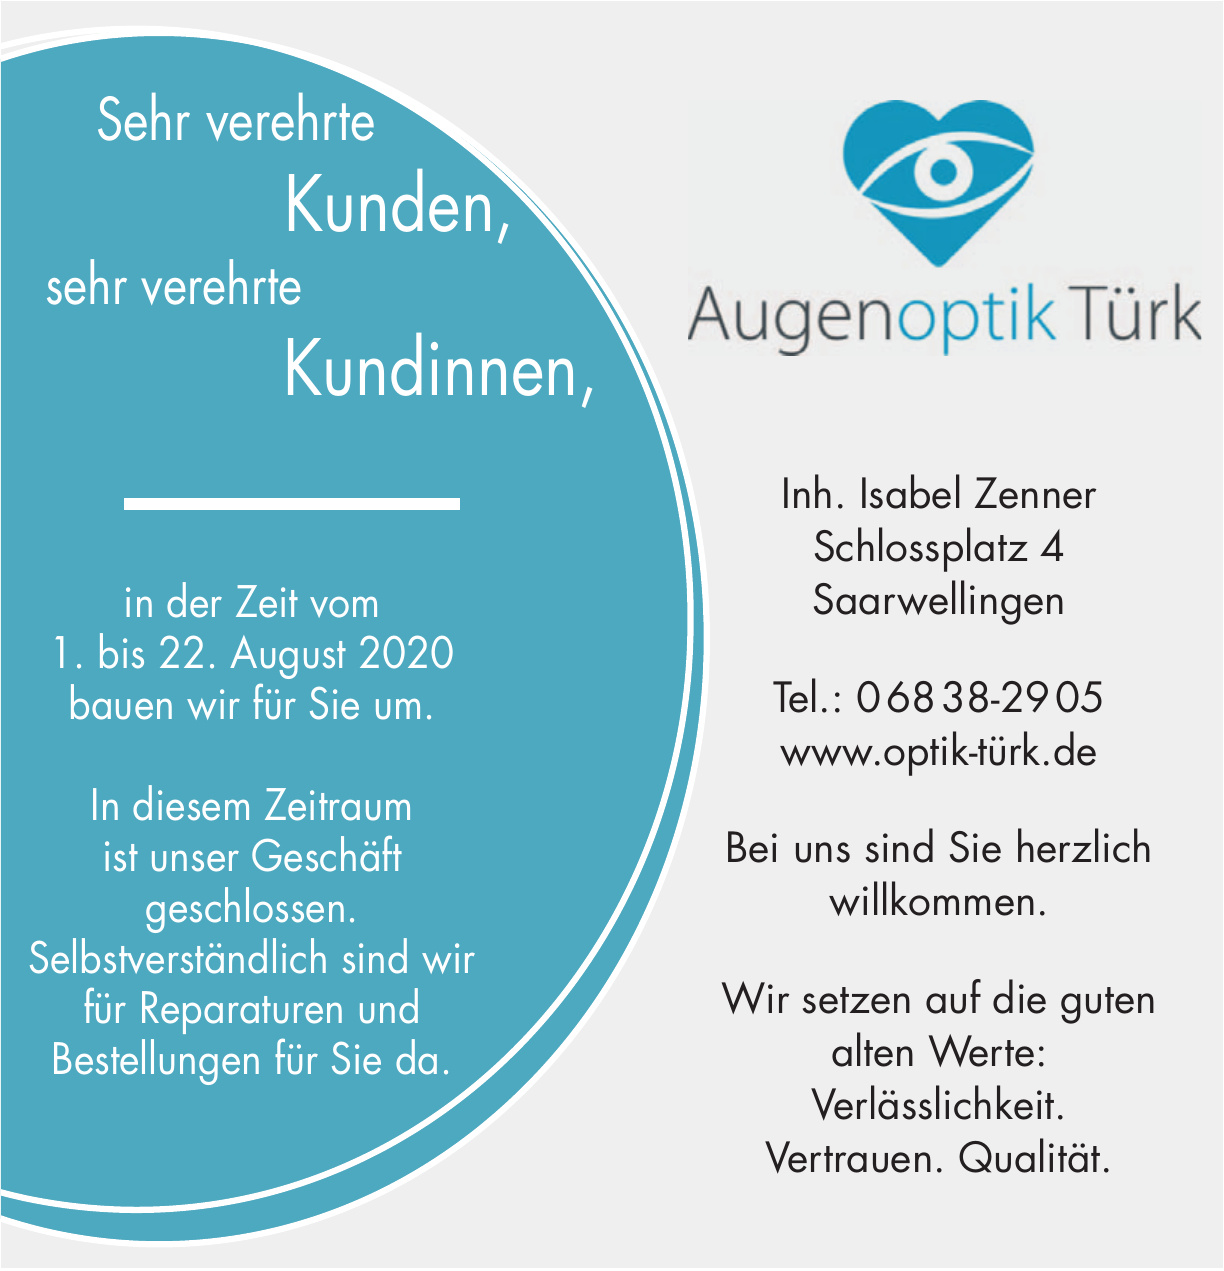 Augentoptik Türk